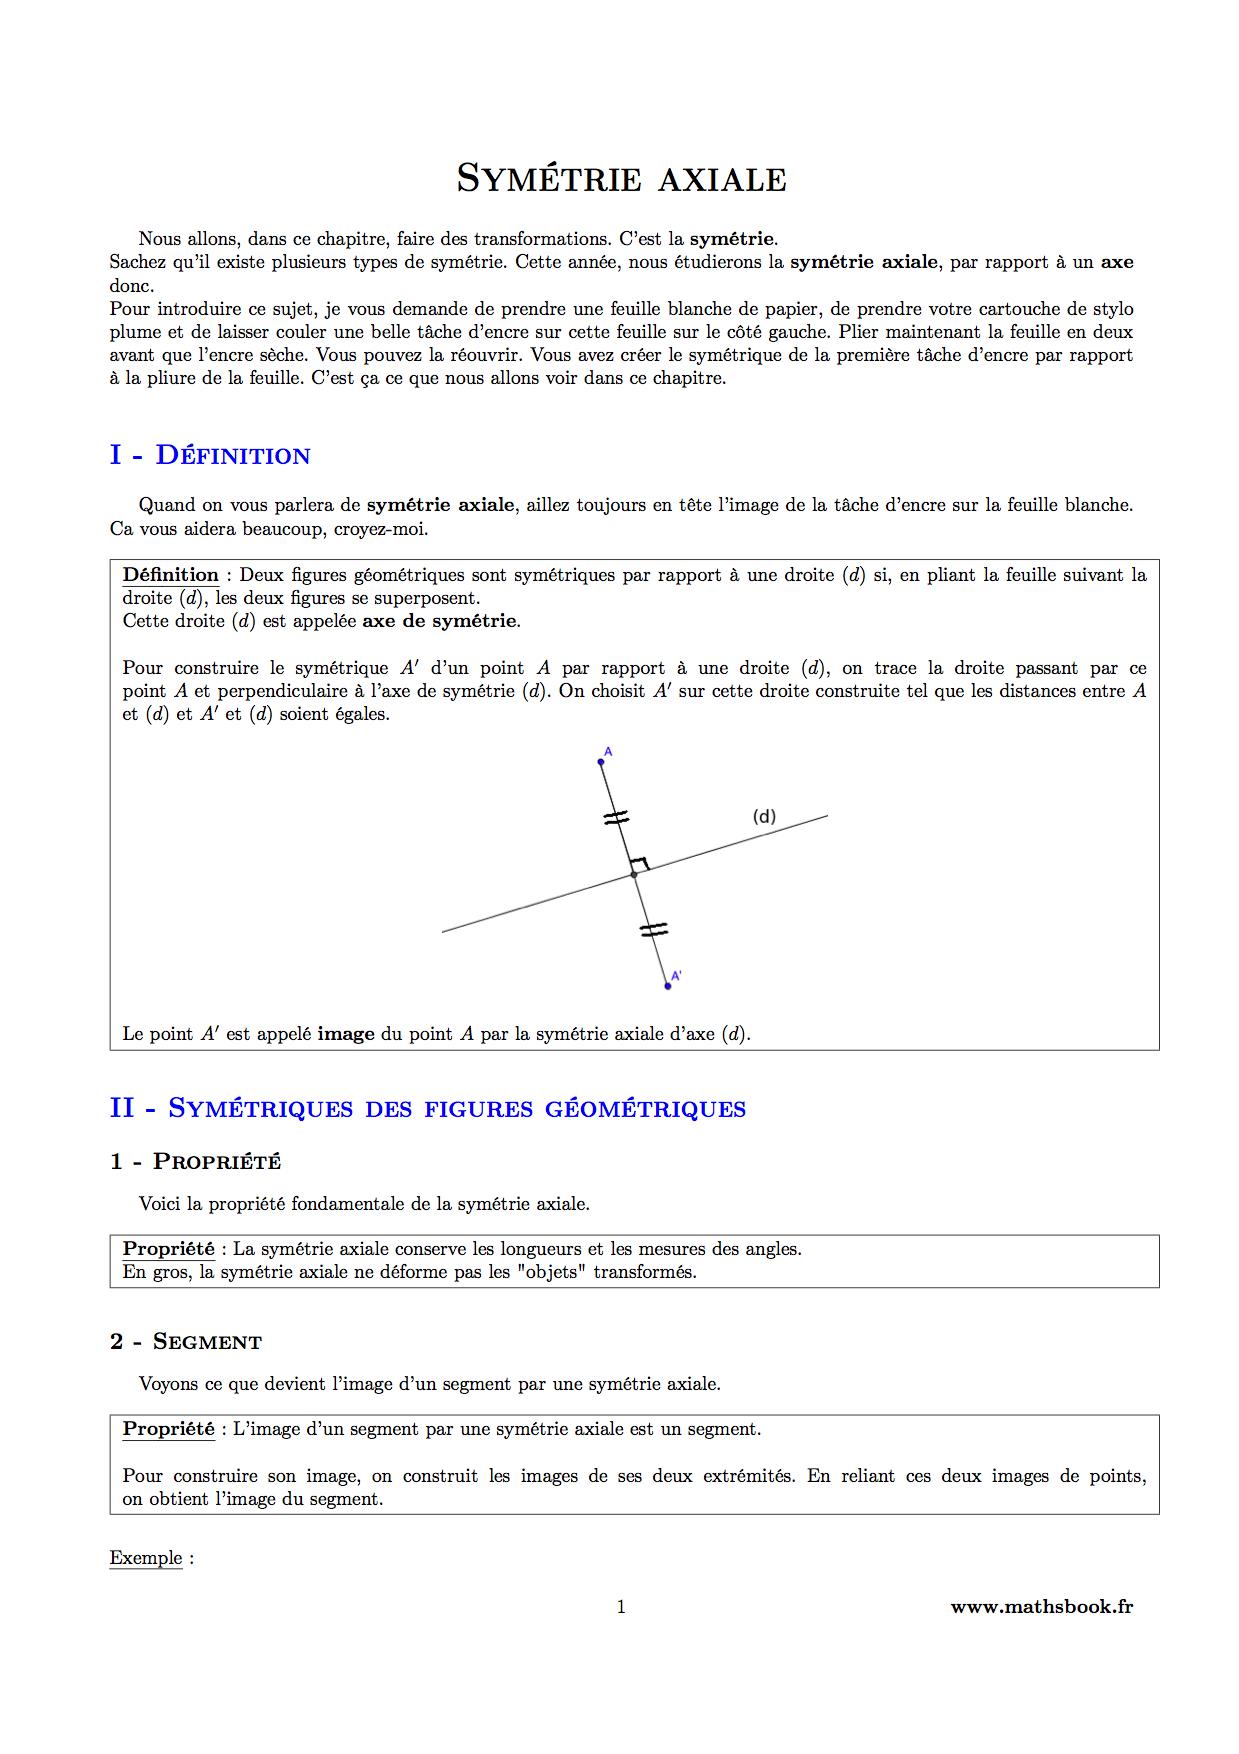 Symétrie Axiale : Cours Pdf À Imprimer | Maths 6Ème destiné Symetrie Axial